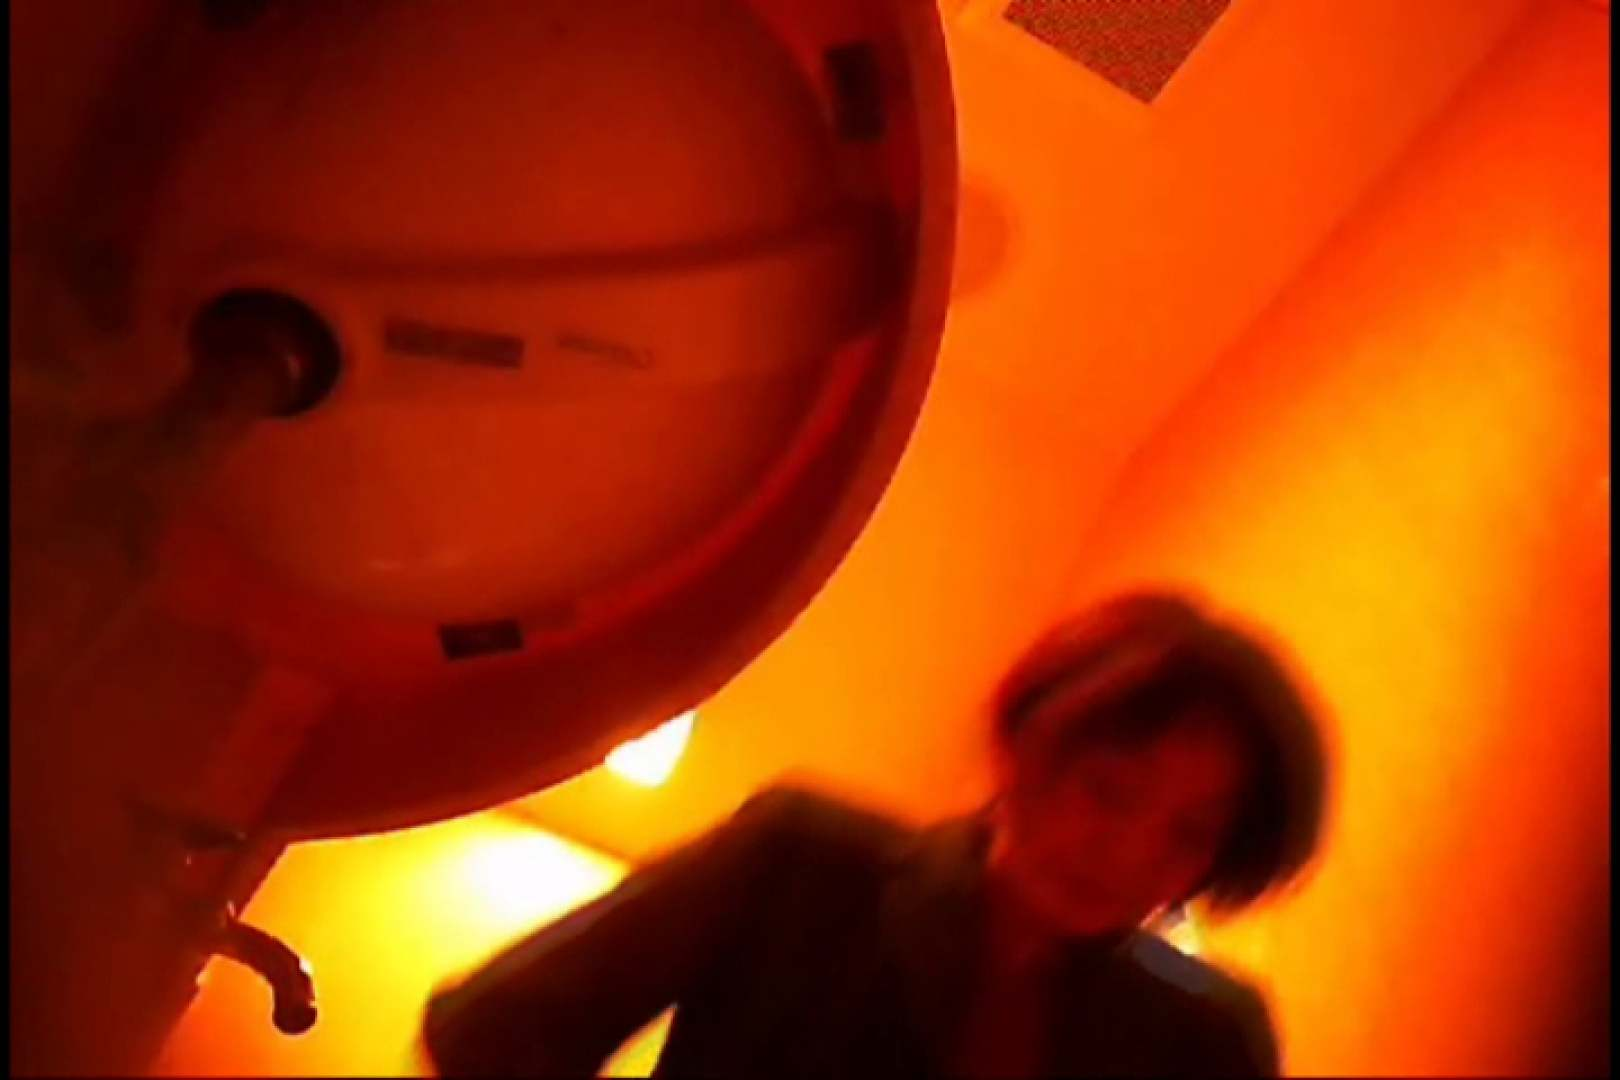 潜入!!女子化粧室盗撮~絶対見られたくない時間~vo,8 潜入突撃  106pic 80